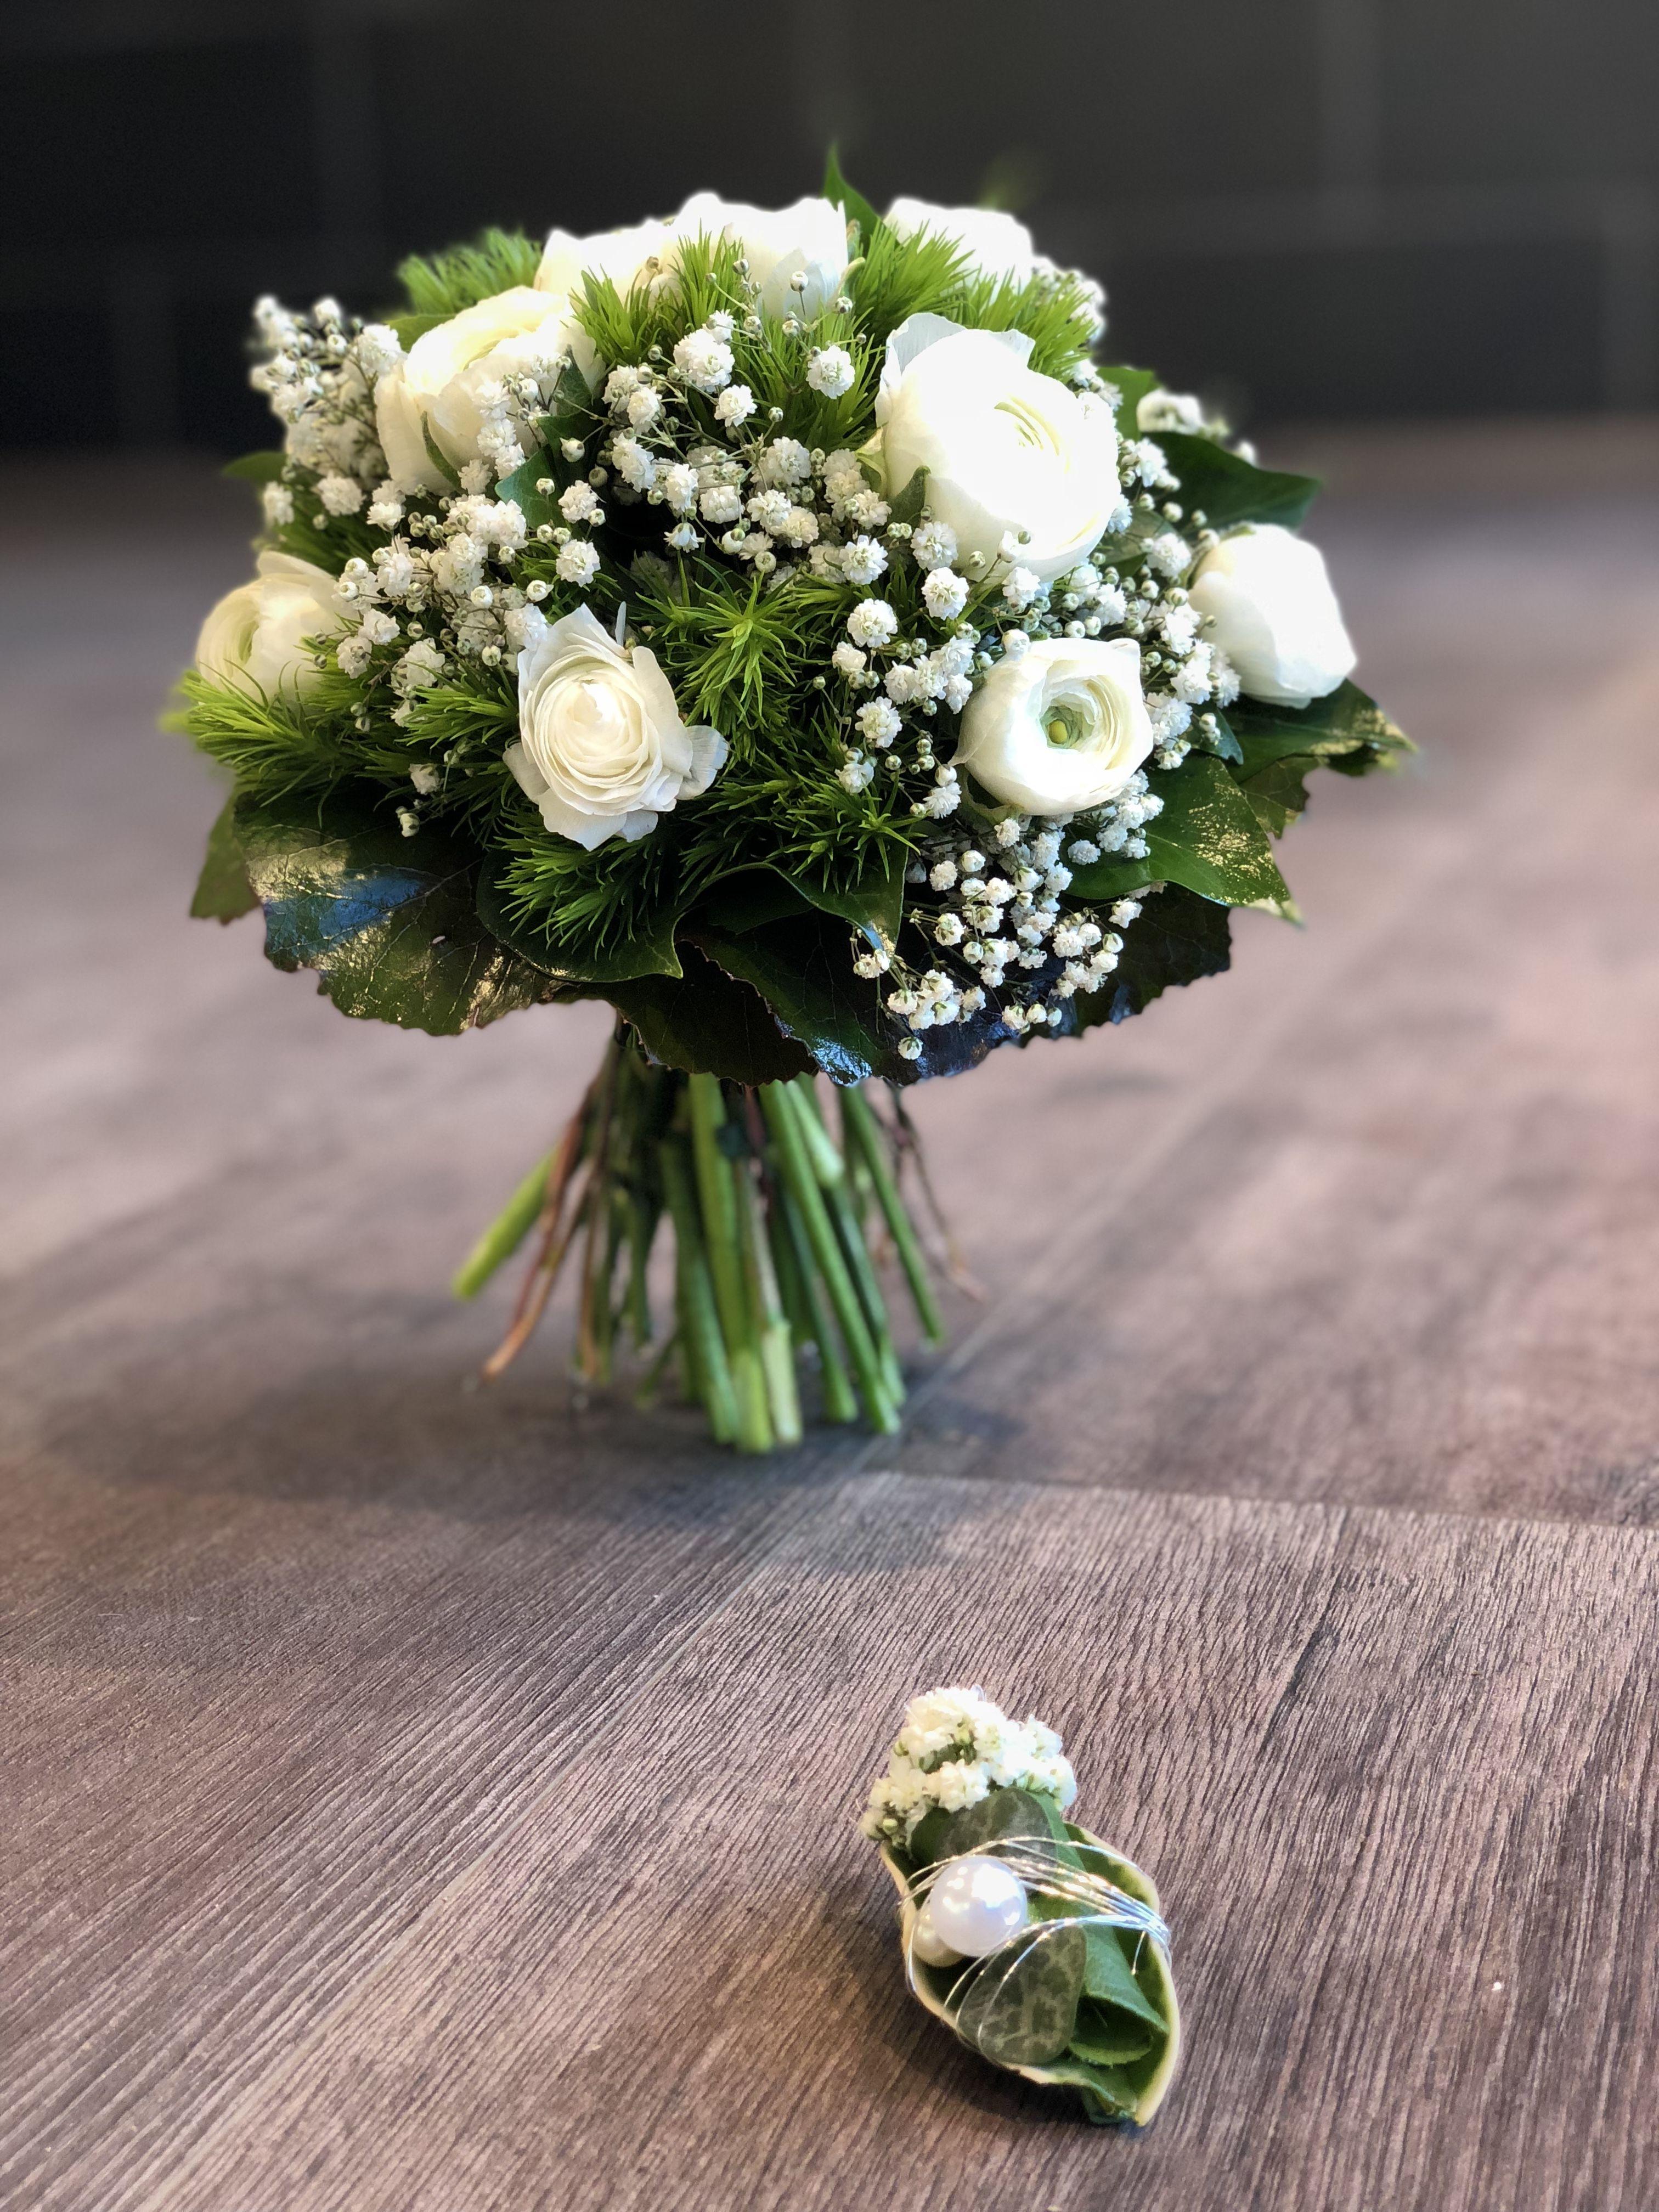 Brautstrauss Herrenanstecker Blumenstrauss Hochzeit Brautstrauss Blumen Hochzeitsblumen